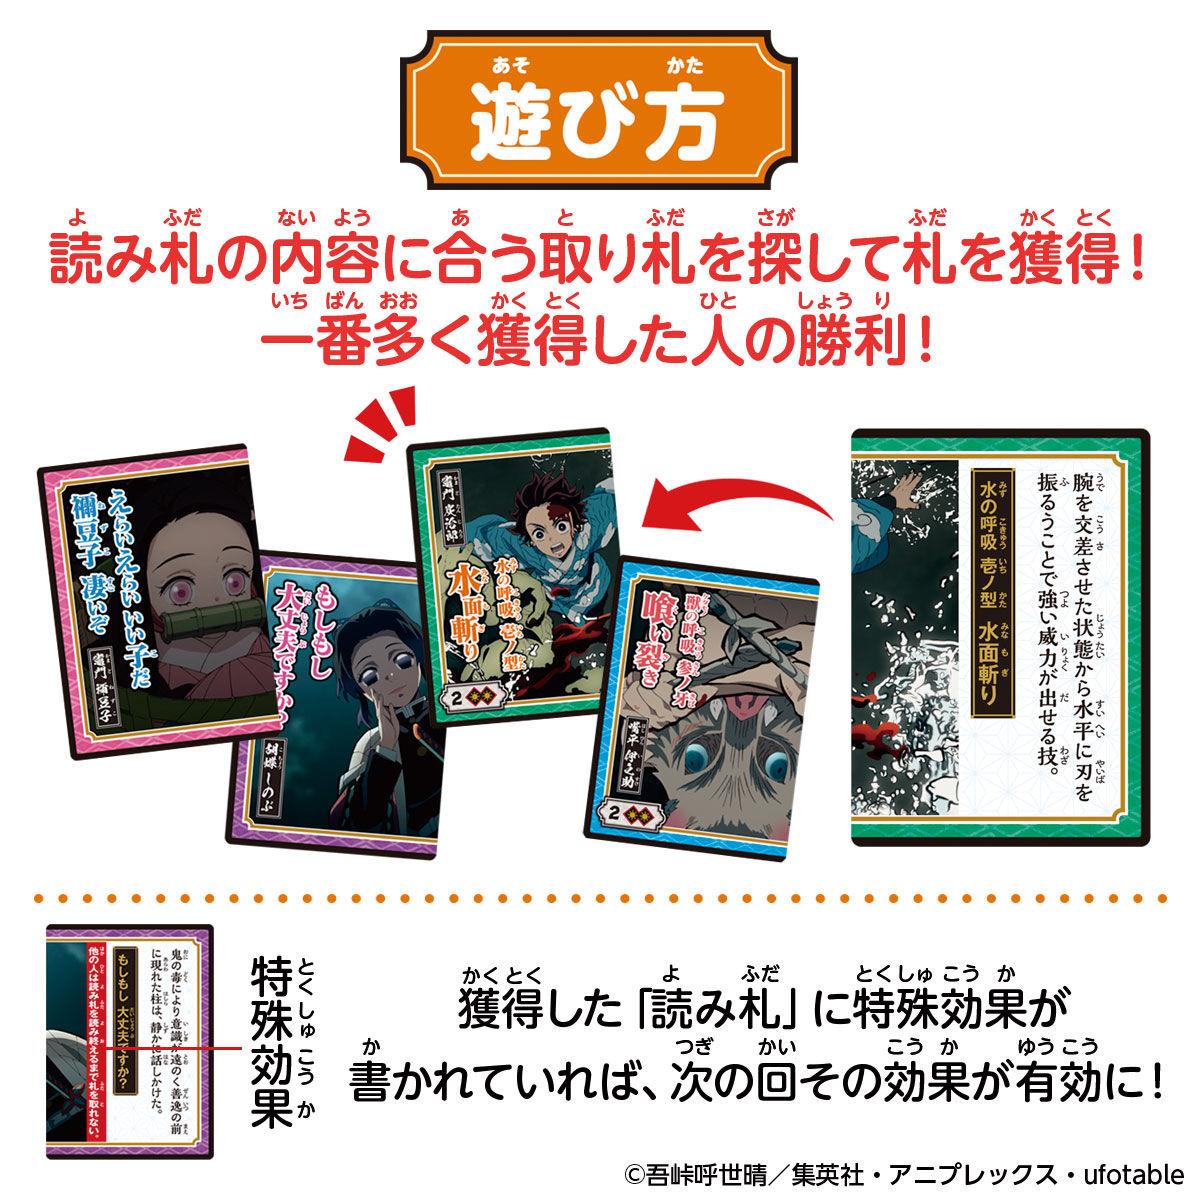 鬼滅の刃『鬼滅の刃 全集中札取りカードゲーム』テーブルゲーム-004